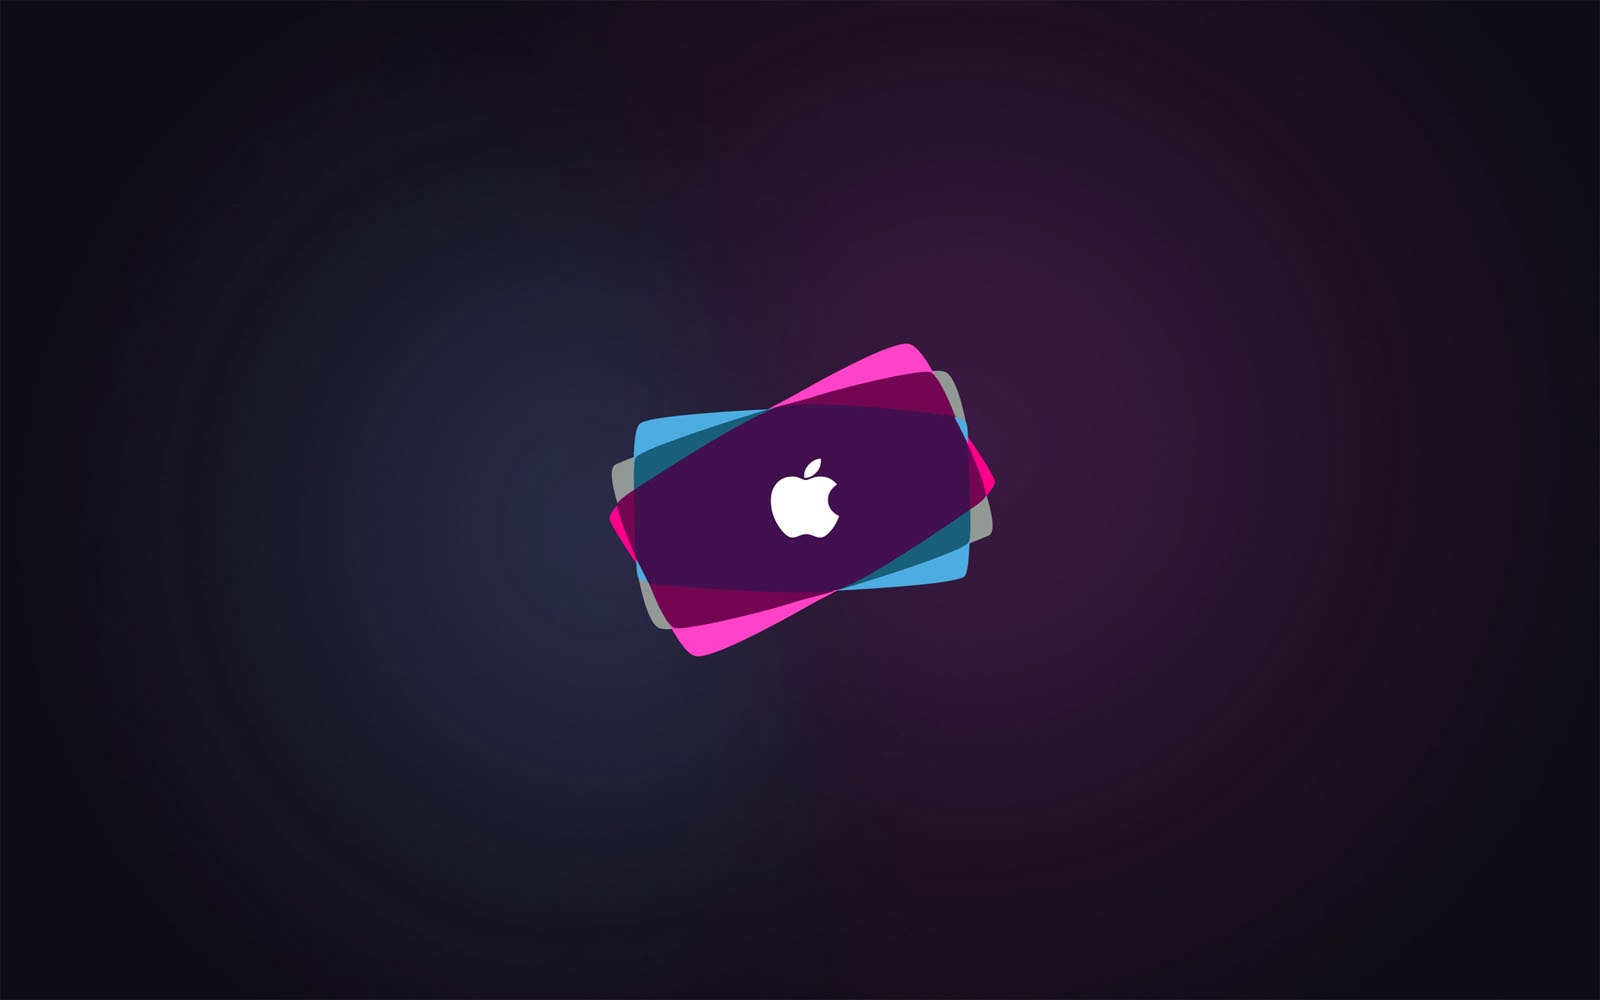 wallpapers: Apple Desktop Wallpapers